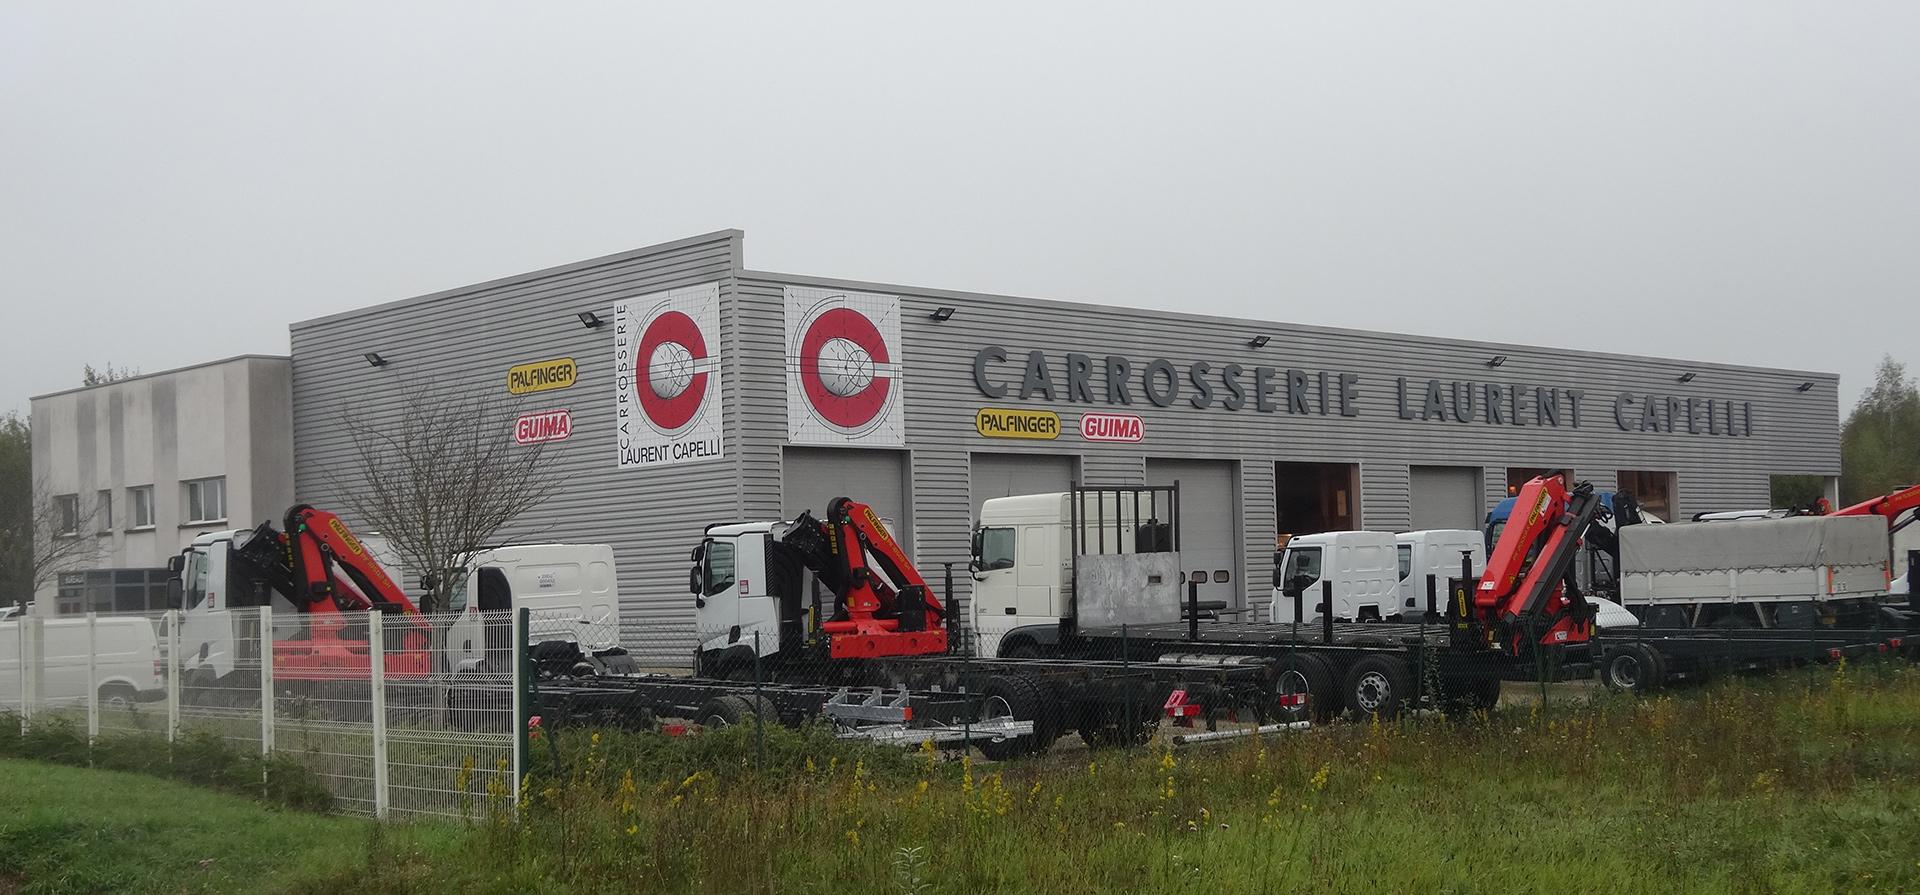 Carrosserie Laurent Capelli